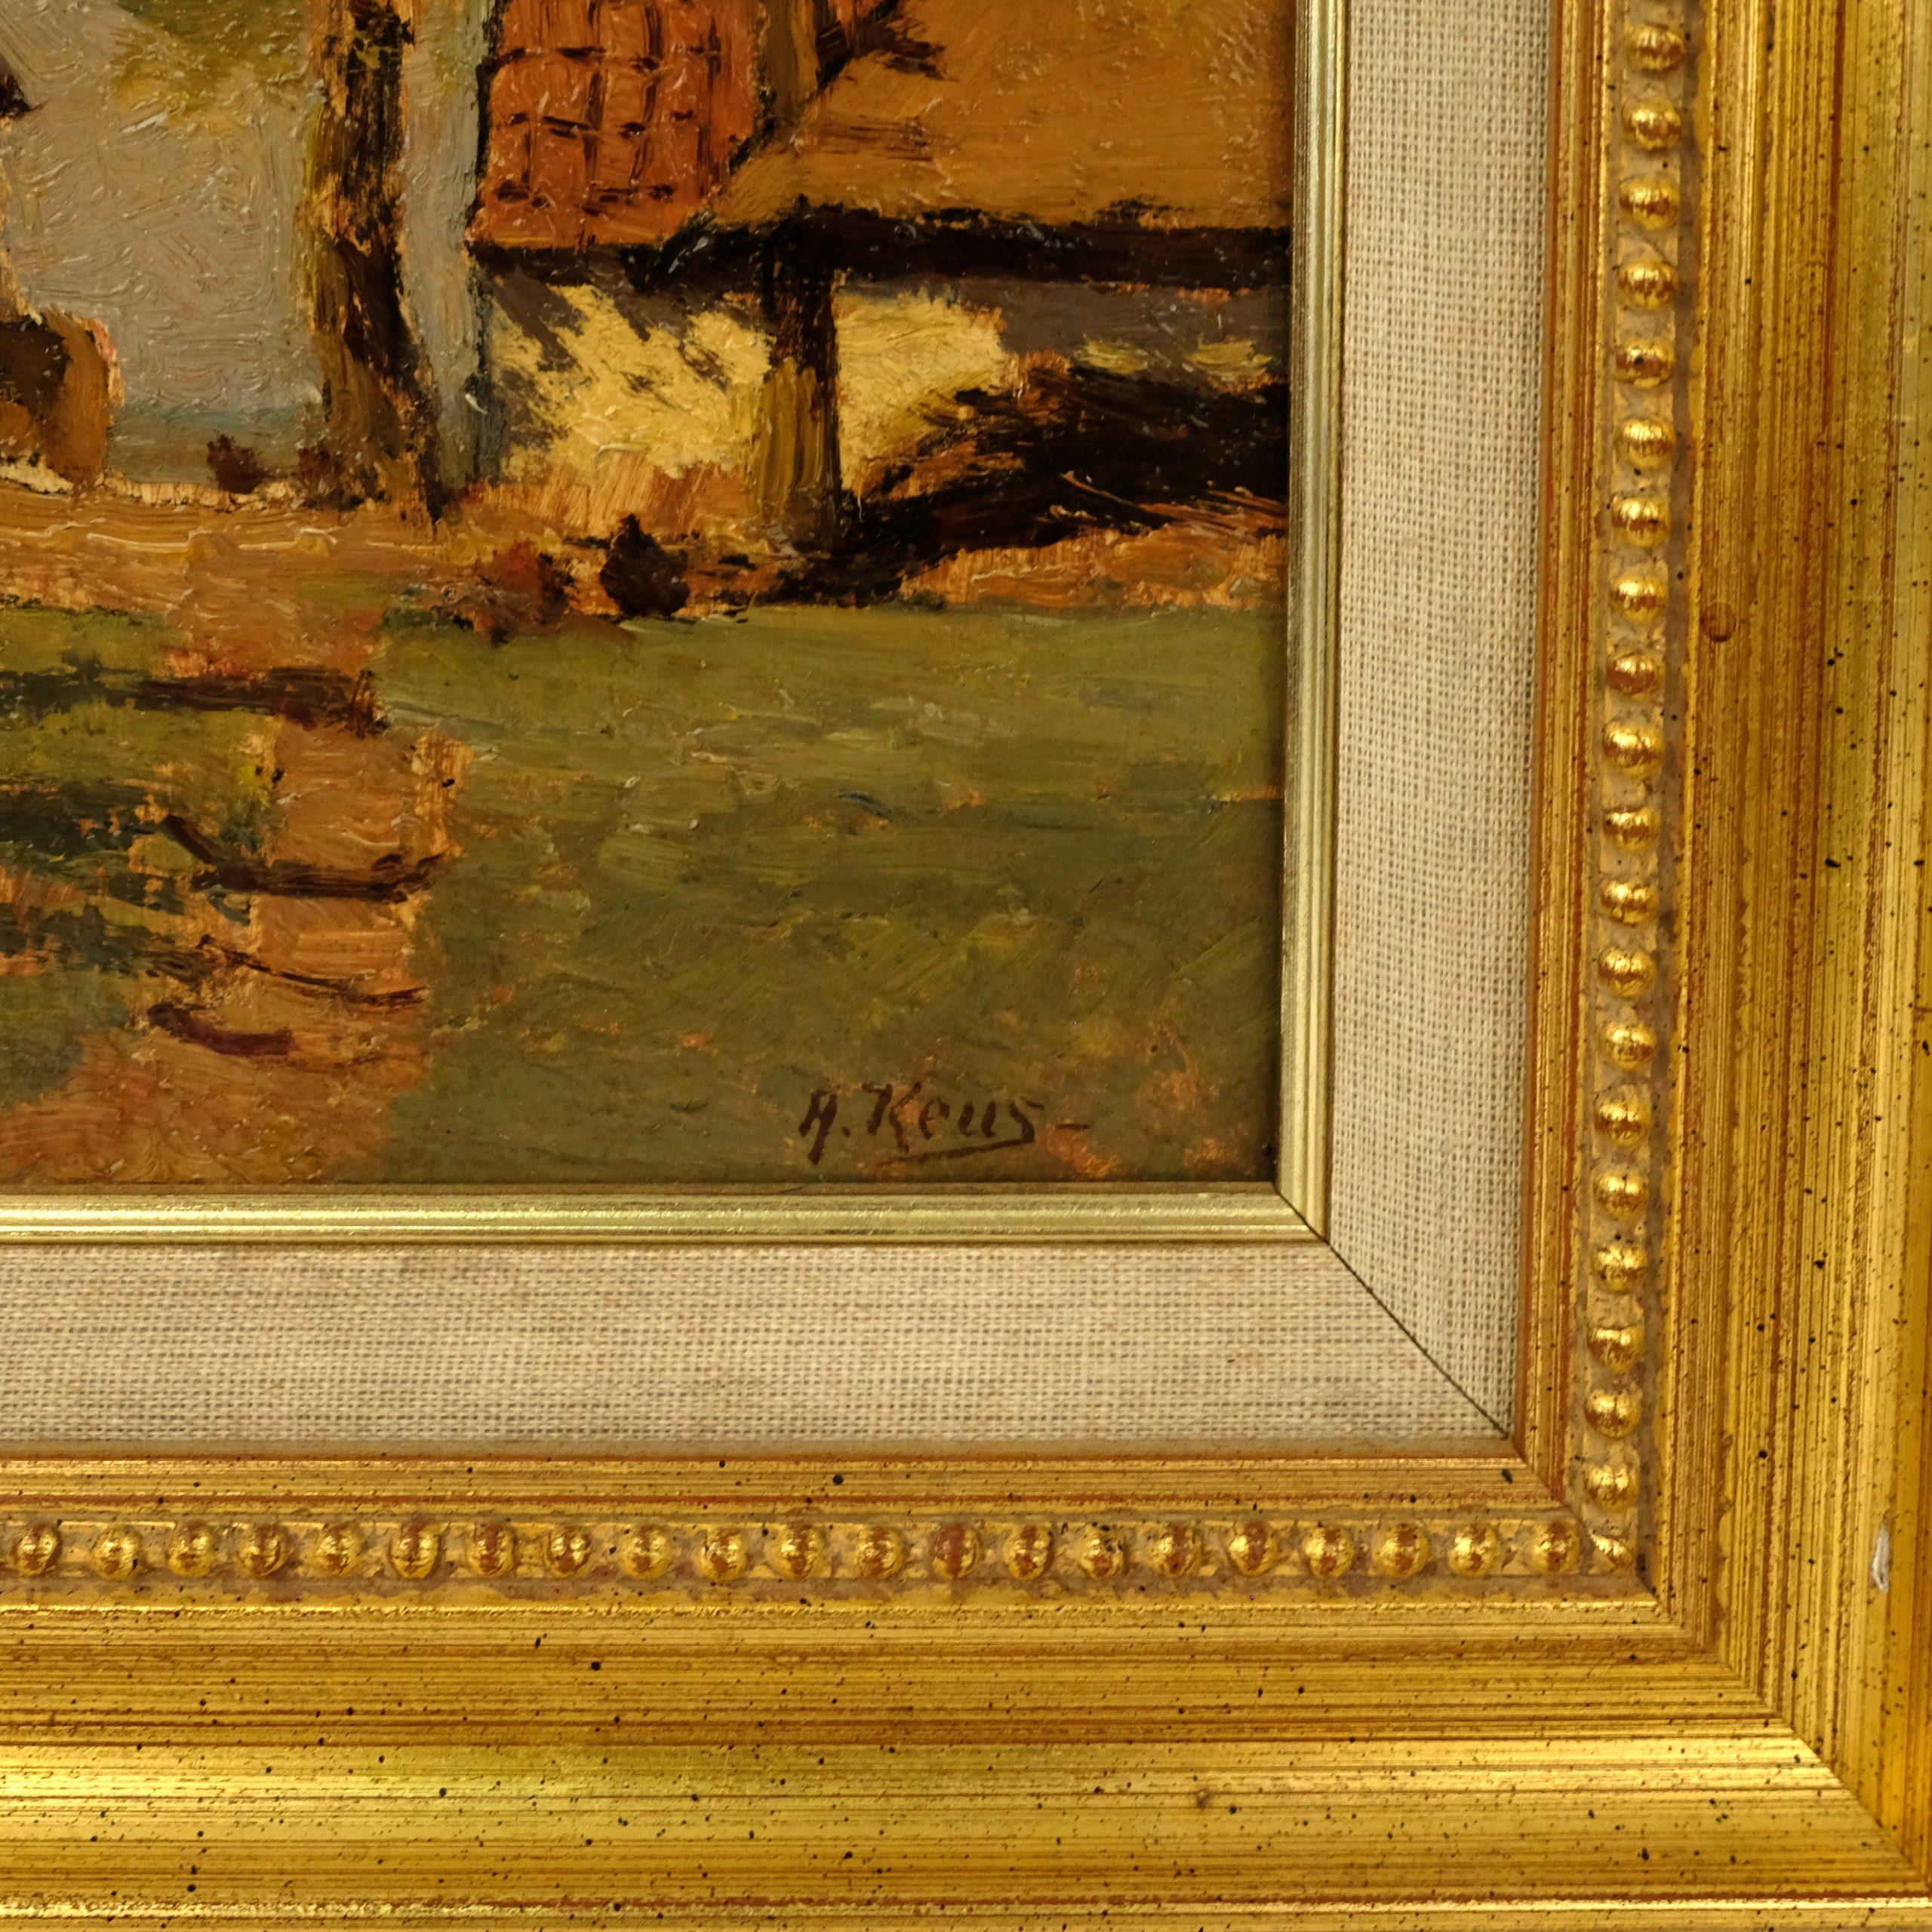 Adriaan Keus (1875-1955) - Boerderij met schuren